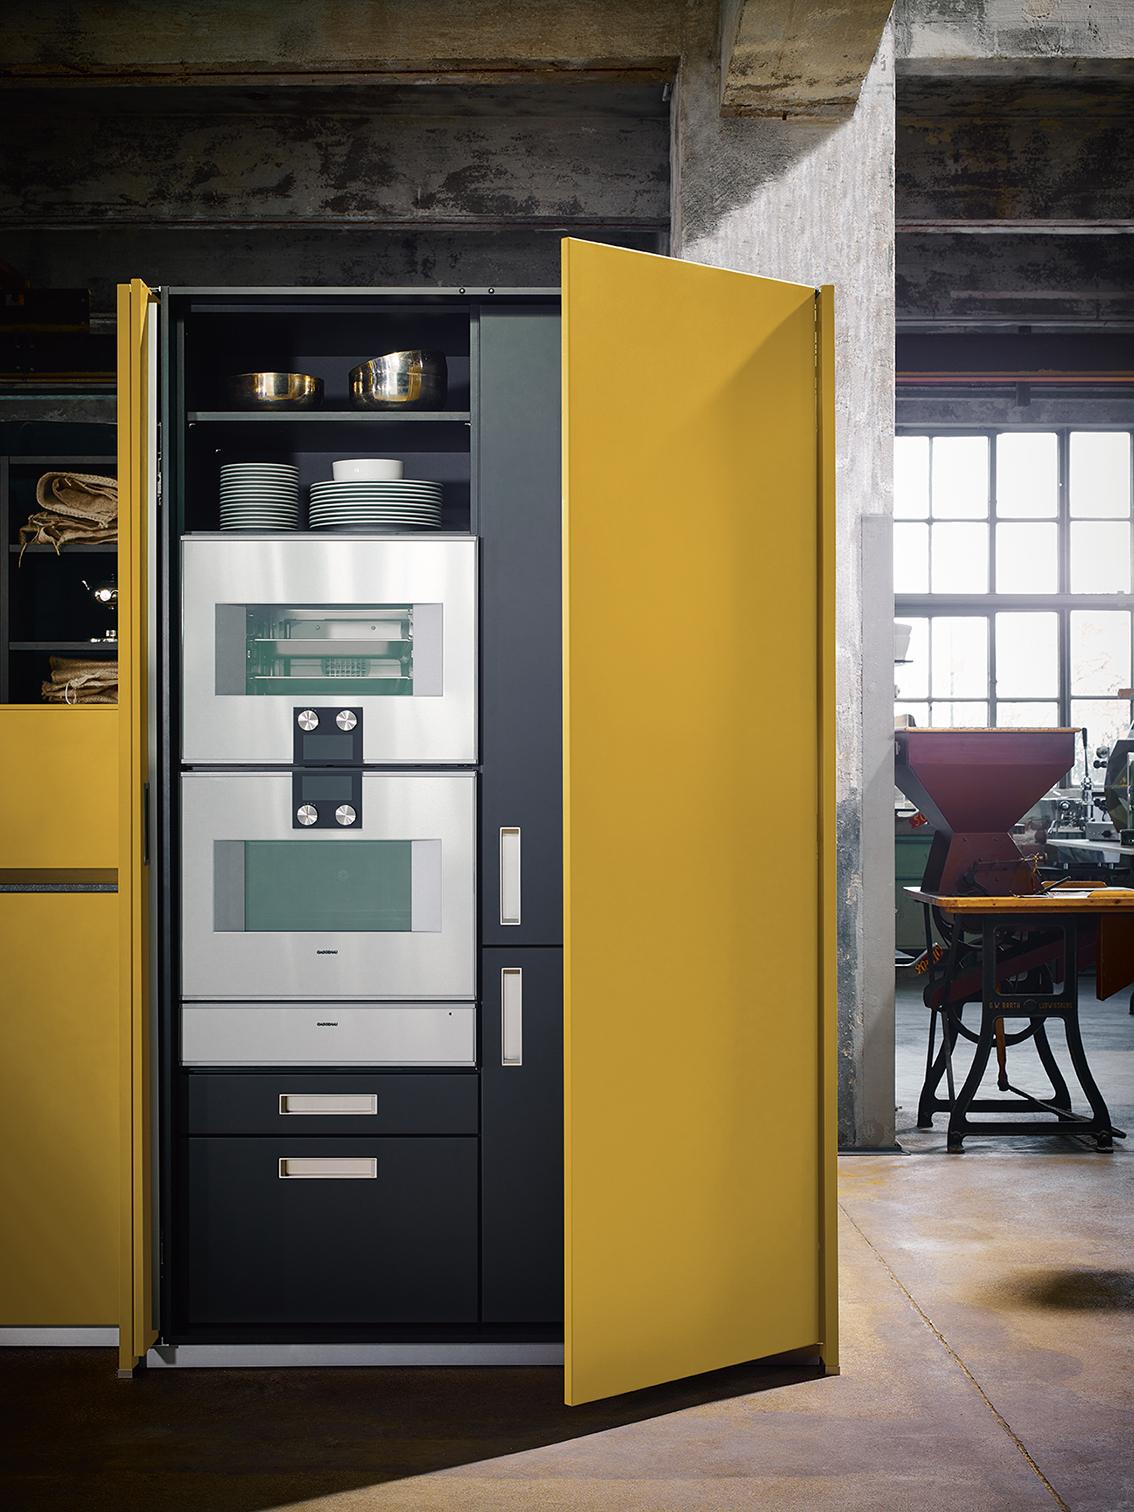 Cuisine aménagée équipée intégrée ouverte sur salon moderne contemporain